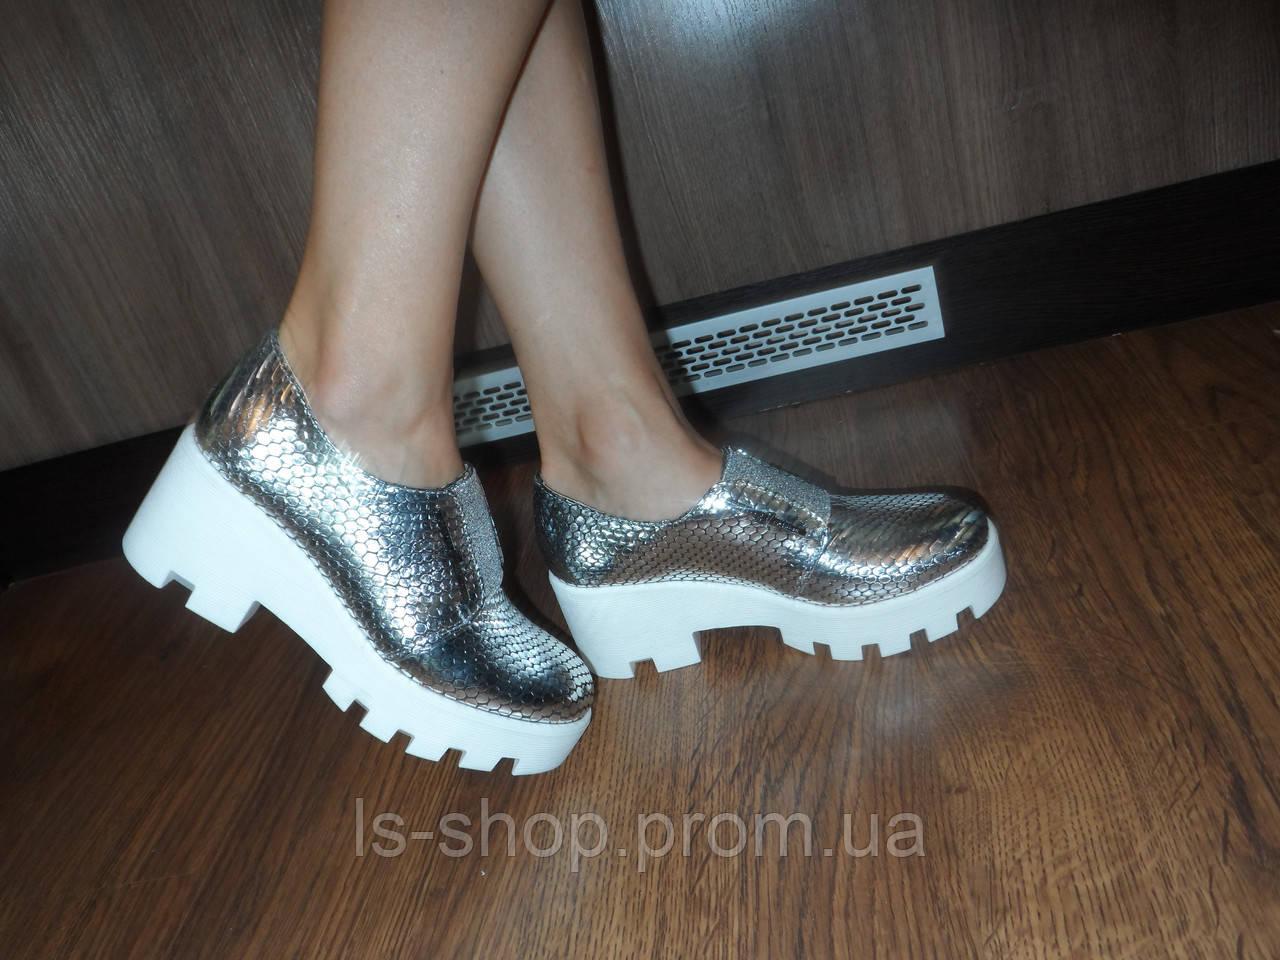 9976c76fa Маломерки, фото 2 Женские кожаные серебристые туфли, а.т33серебро.  Маломерки, фото 3 ...